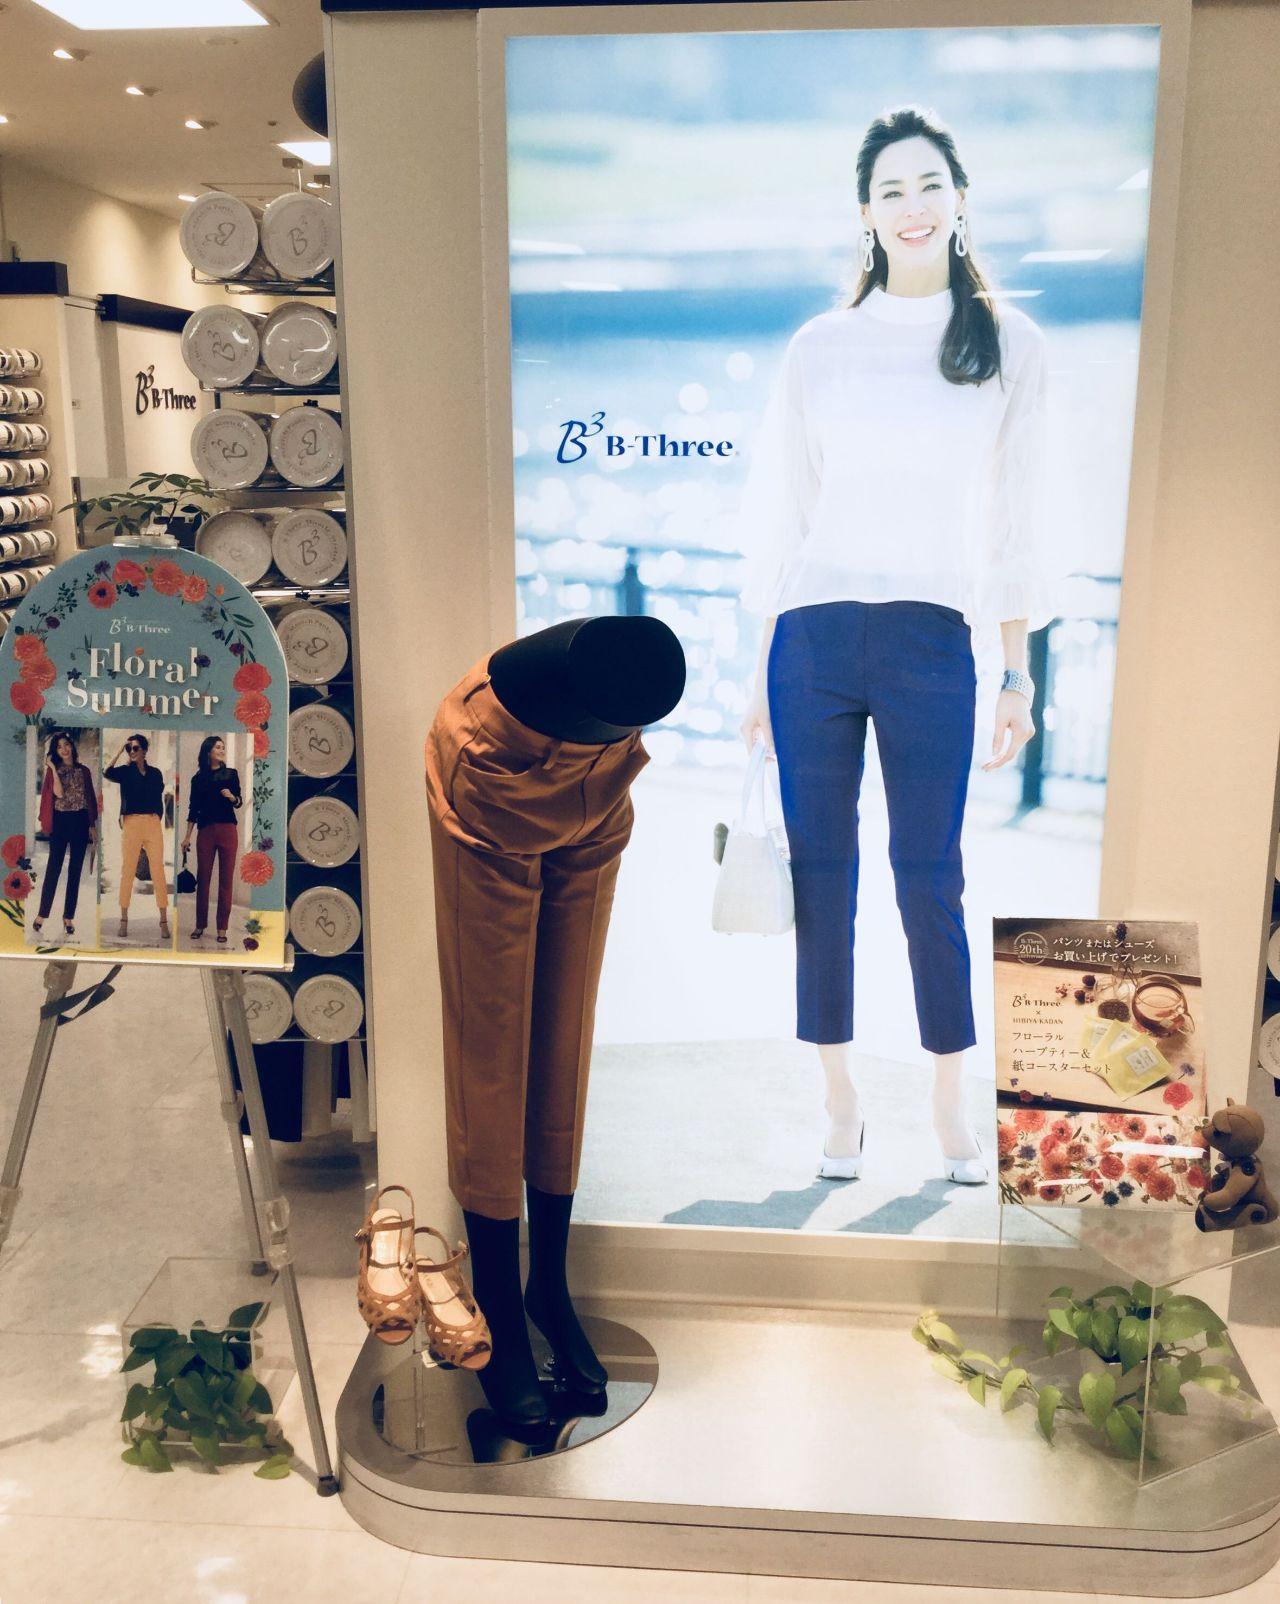 京王 百貨店 聖蹟 桜ヶ丘